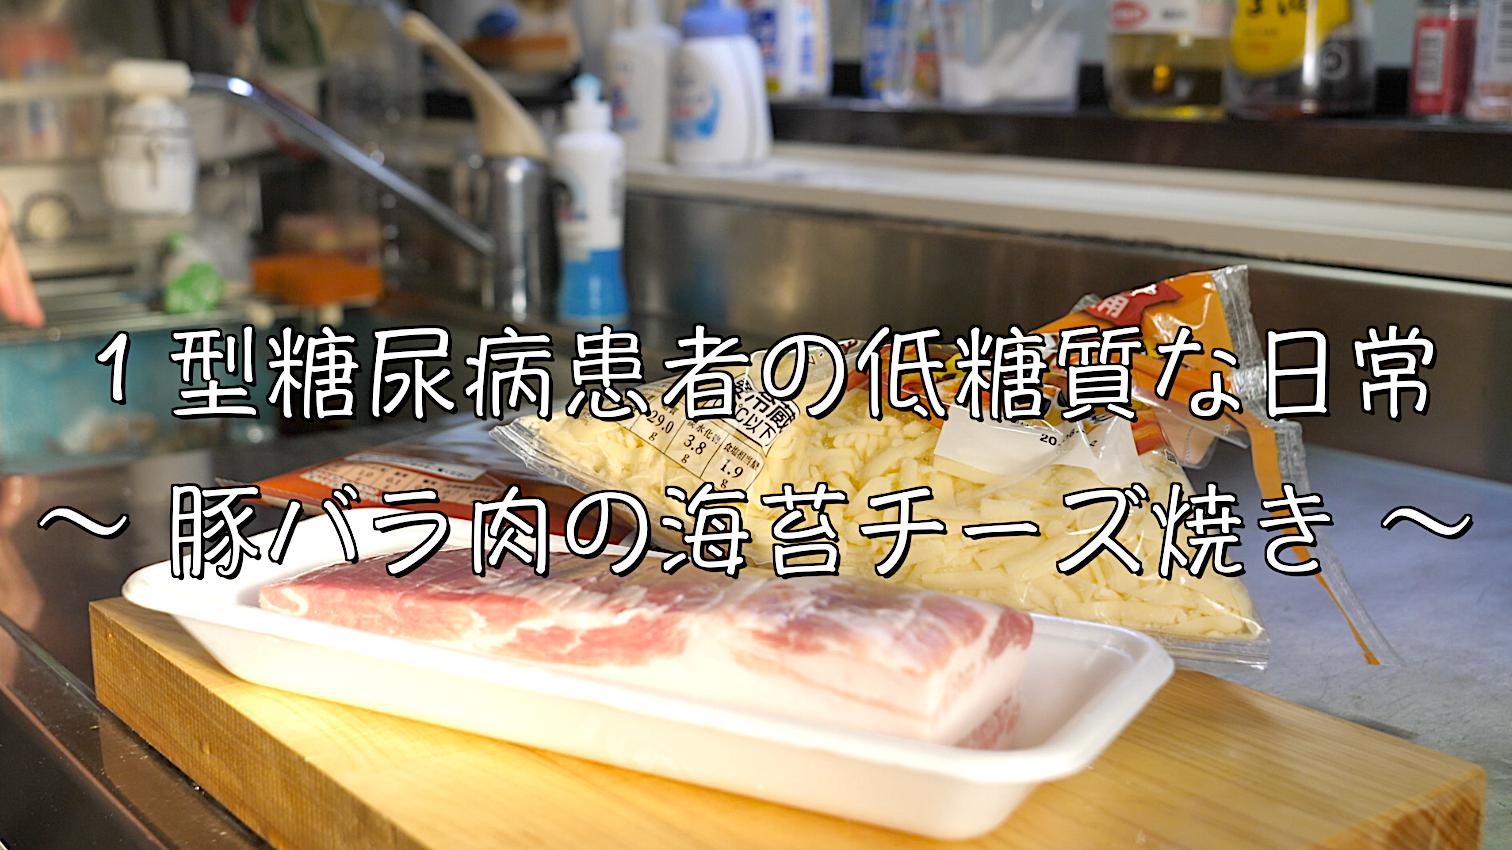 豚バラ肉 レシピ 糖質制限 作り方